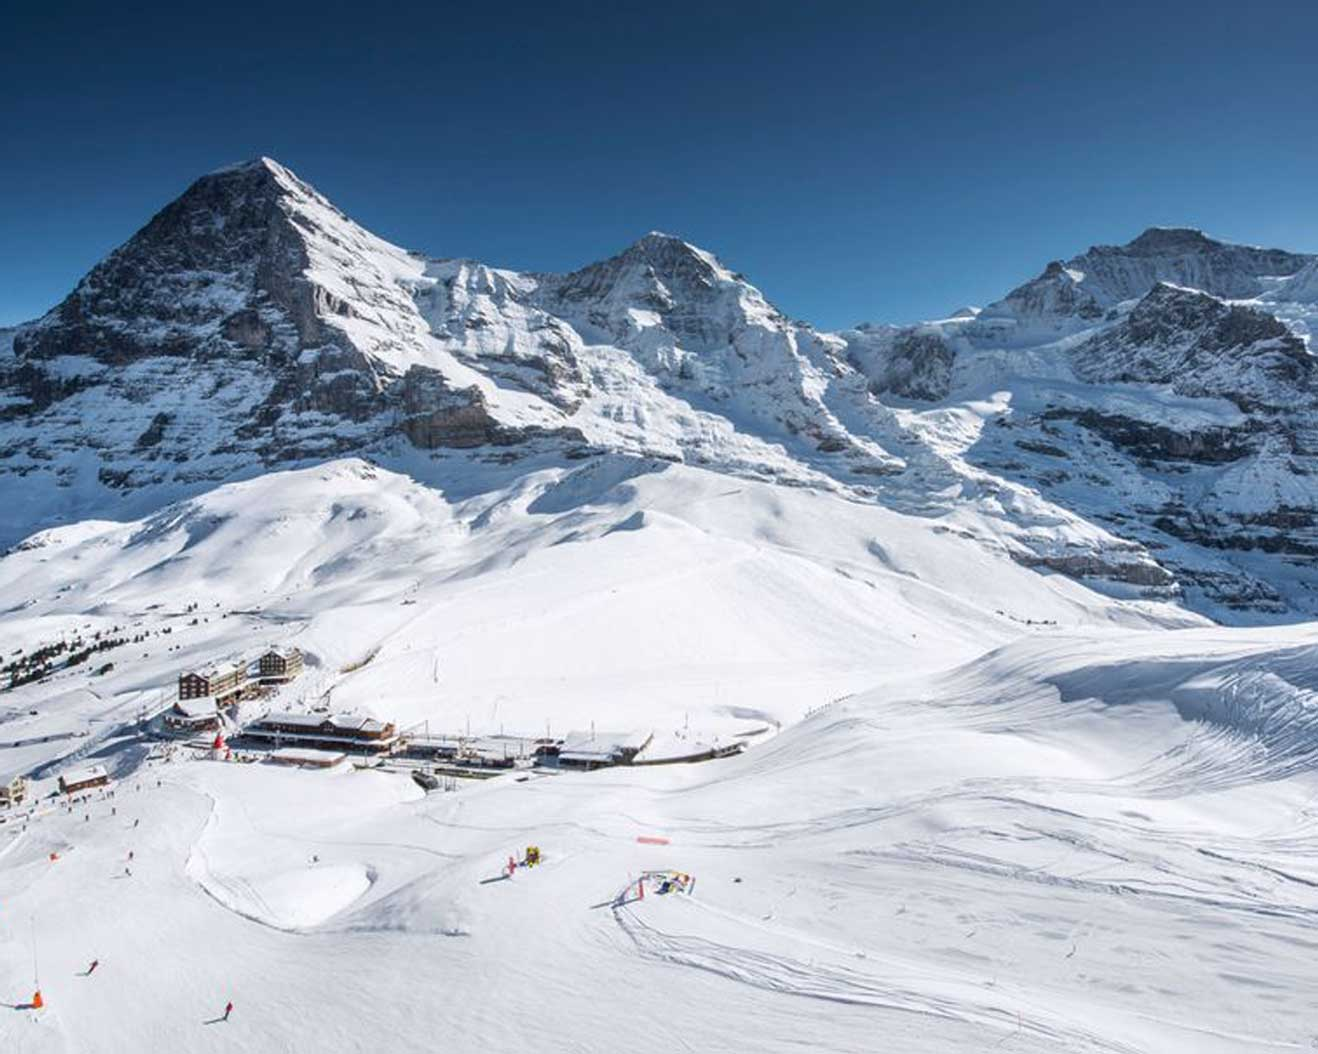 Grindelwald-Wengen (Kleine Scheidegg-Männlichen)